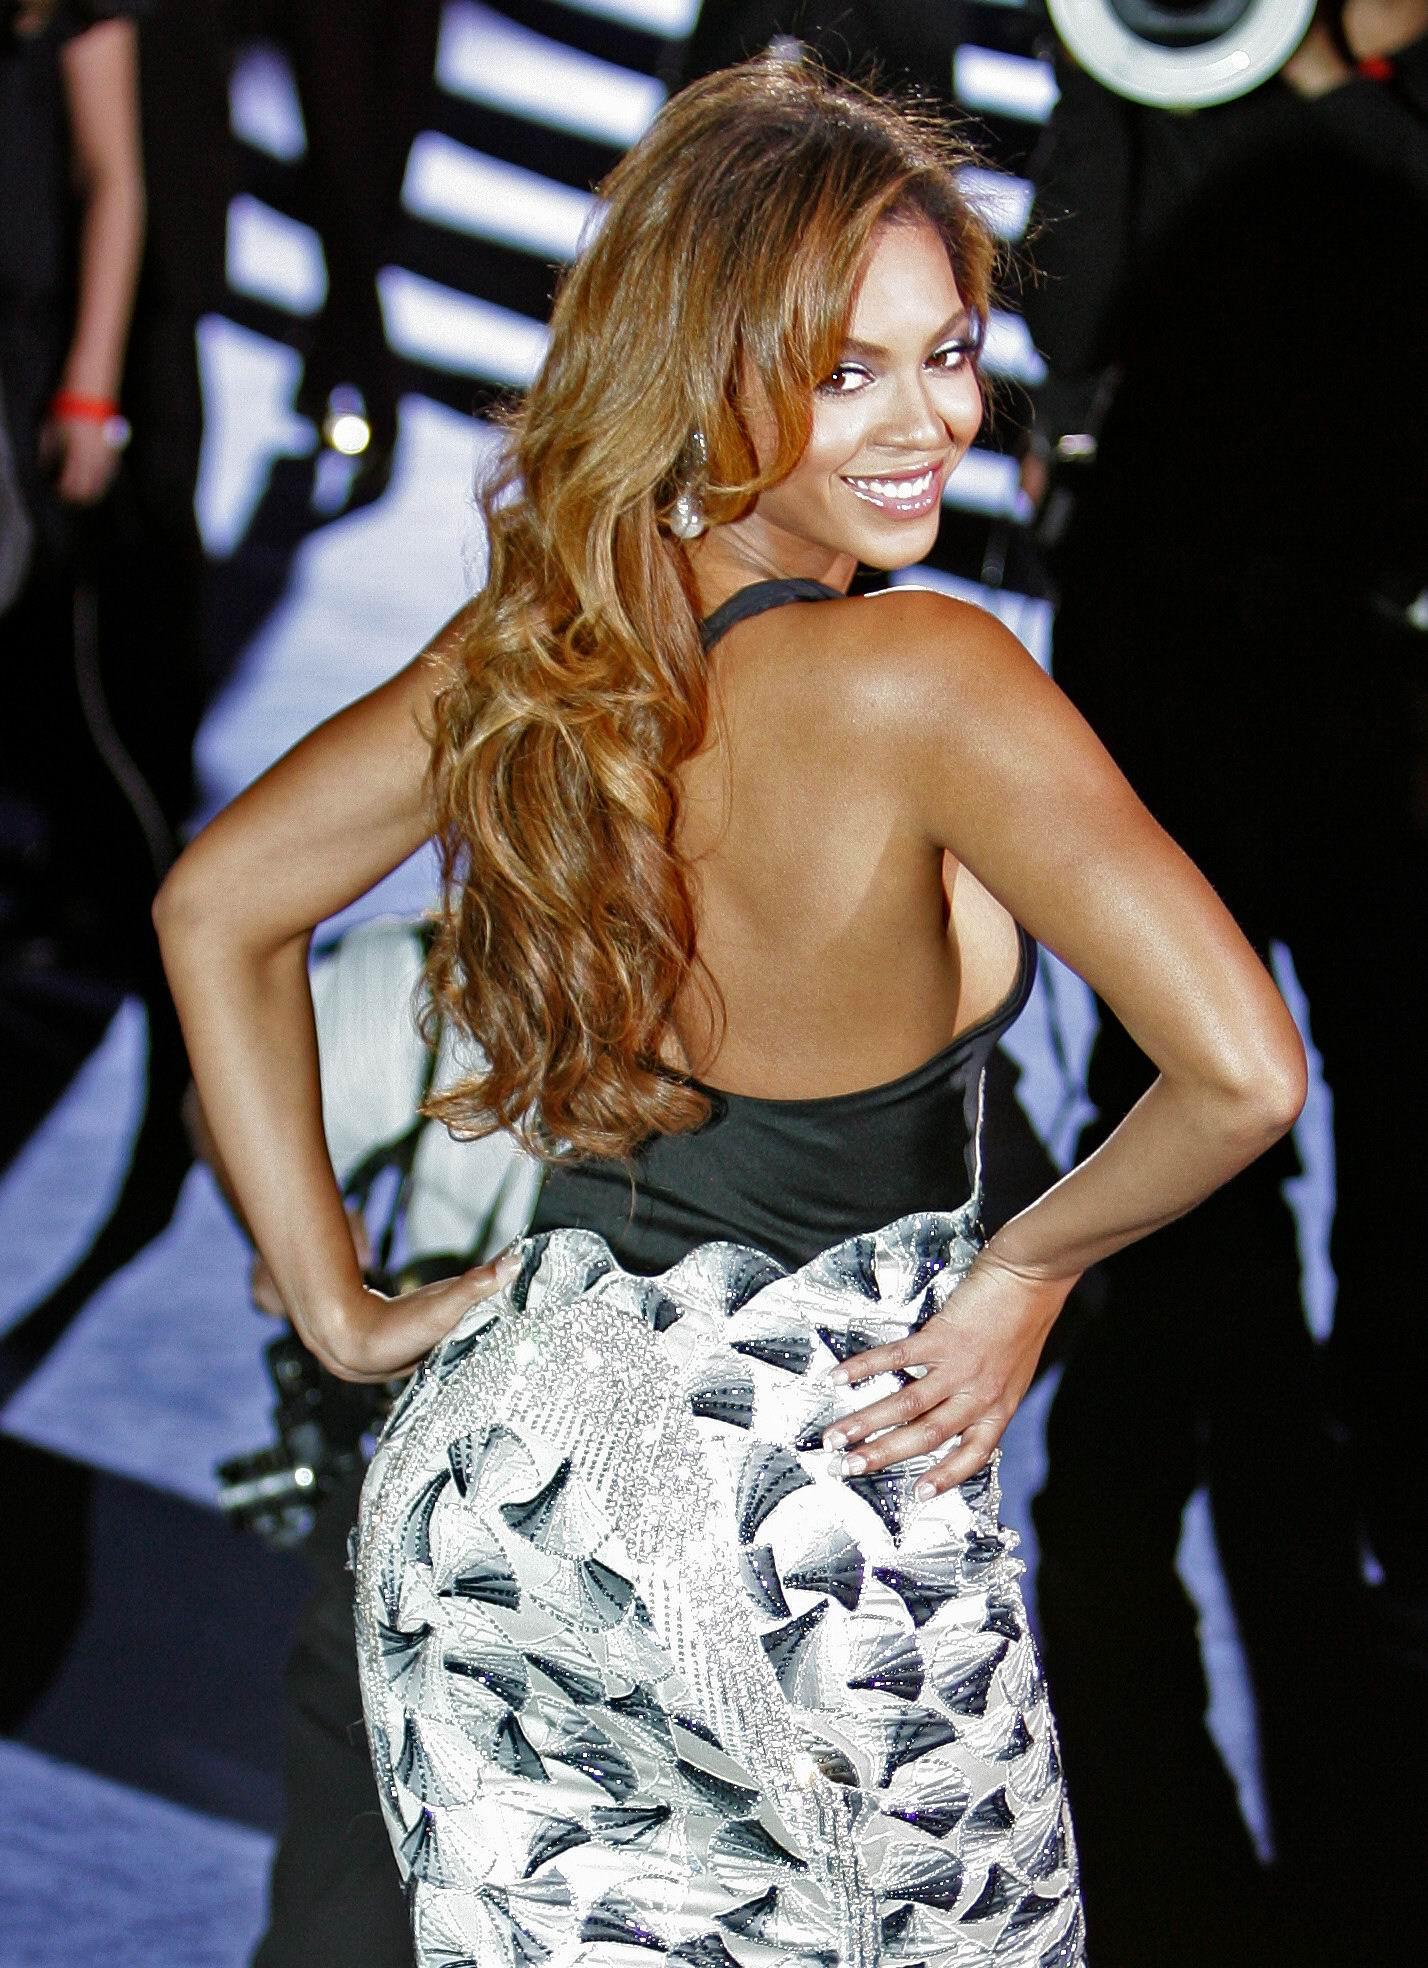 Фото большой попы бейонсе, самые волосатые пизды в видео порно